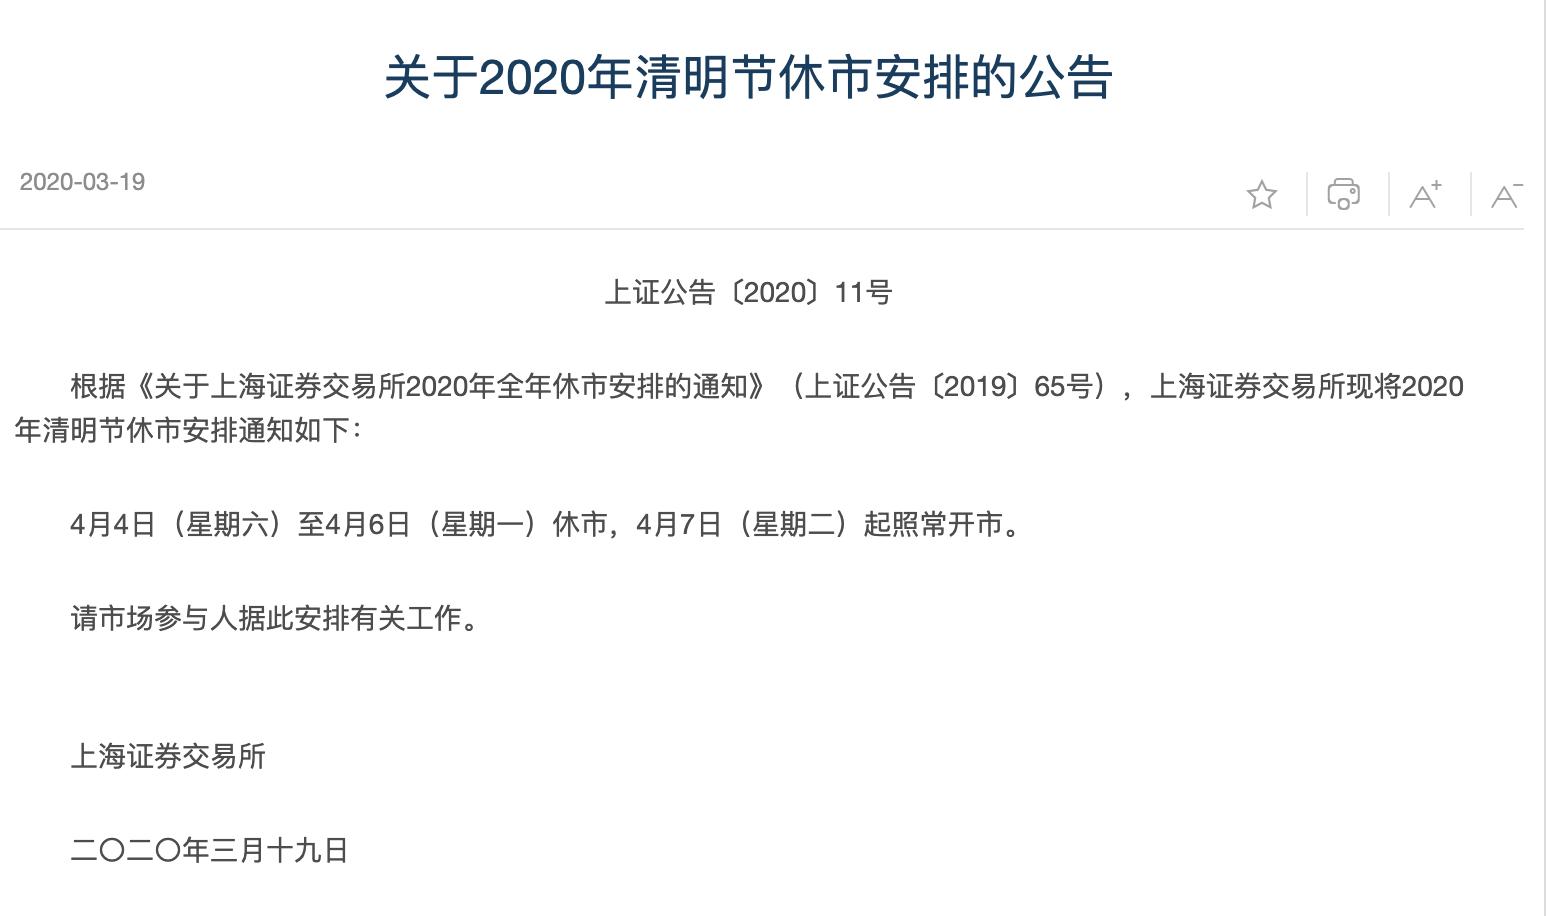 「蓝冠」易所发布2020年清明蓝冠节休图片